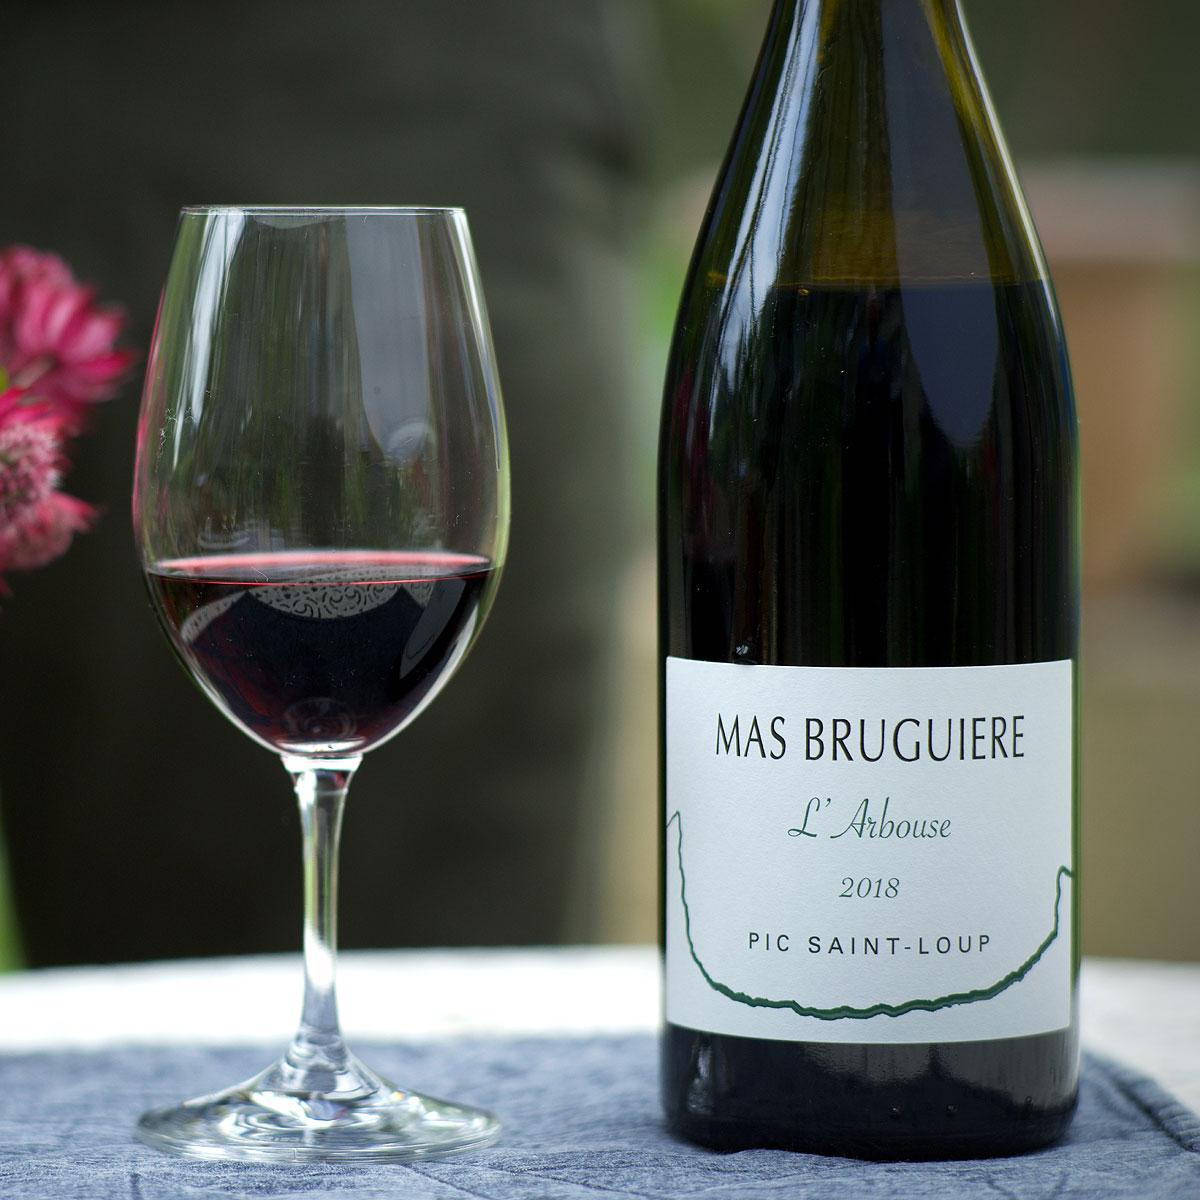 Pic Saint-Loup: Mas Bruguière 'l'Arbouse' 2018 - Lifestyle